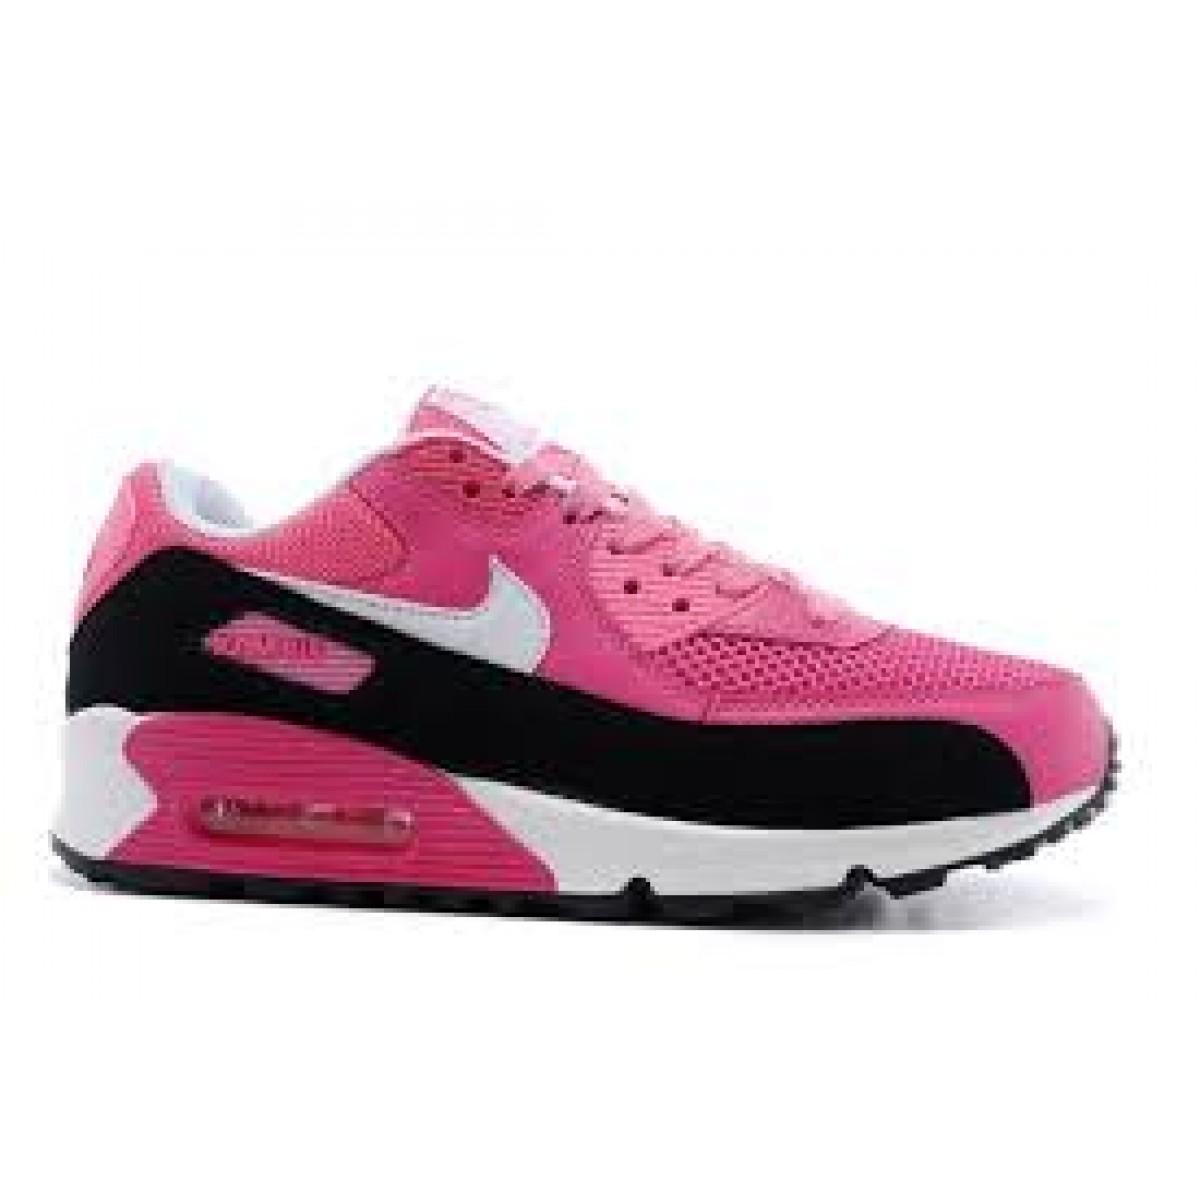 huge discount e0c08 40f2d Achat   Vente produits Nike Air Max 90 Femme Noir et Rose,Nike Air Max